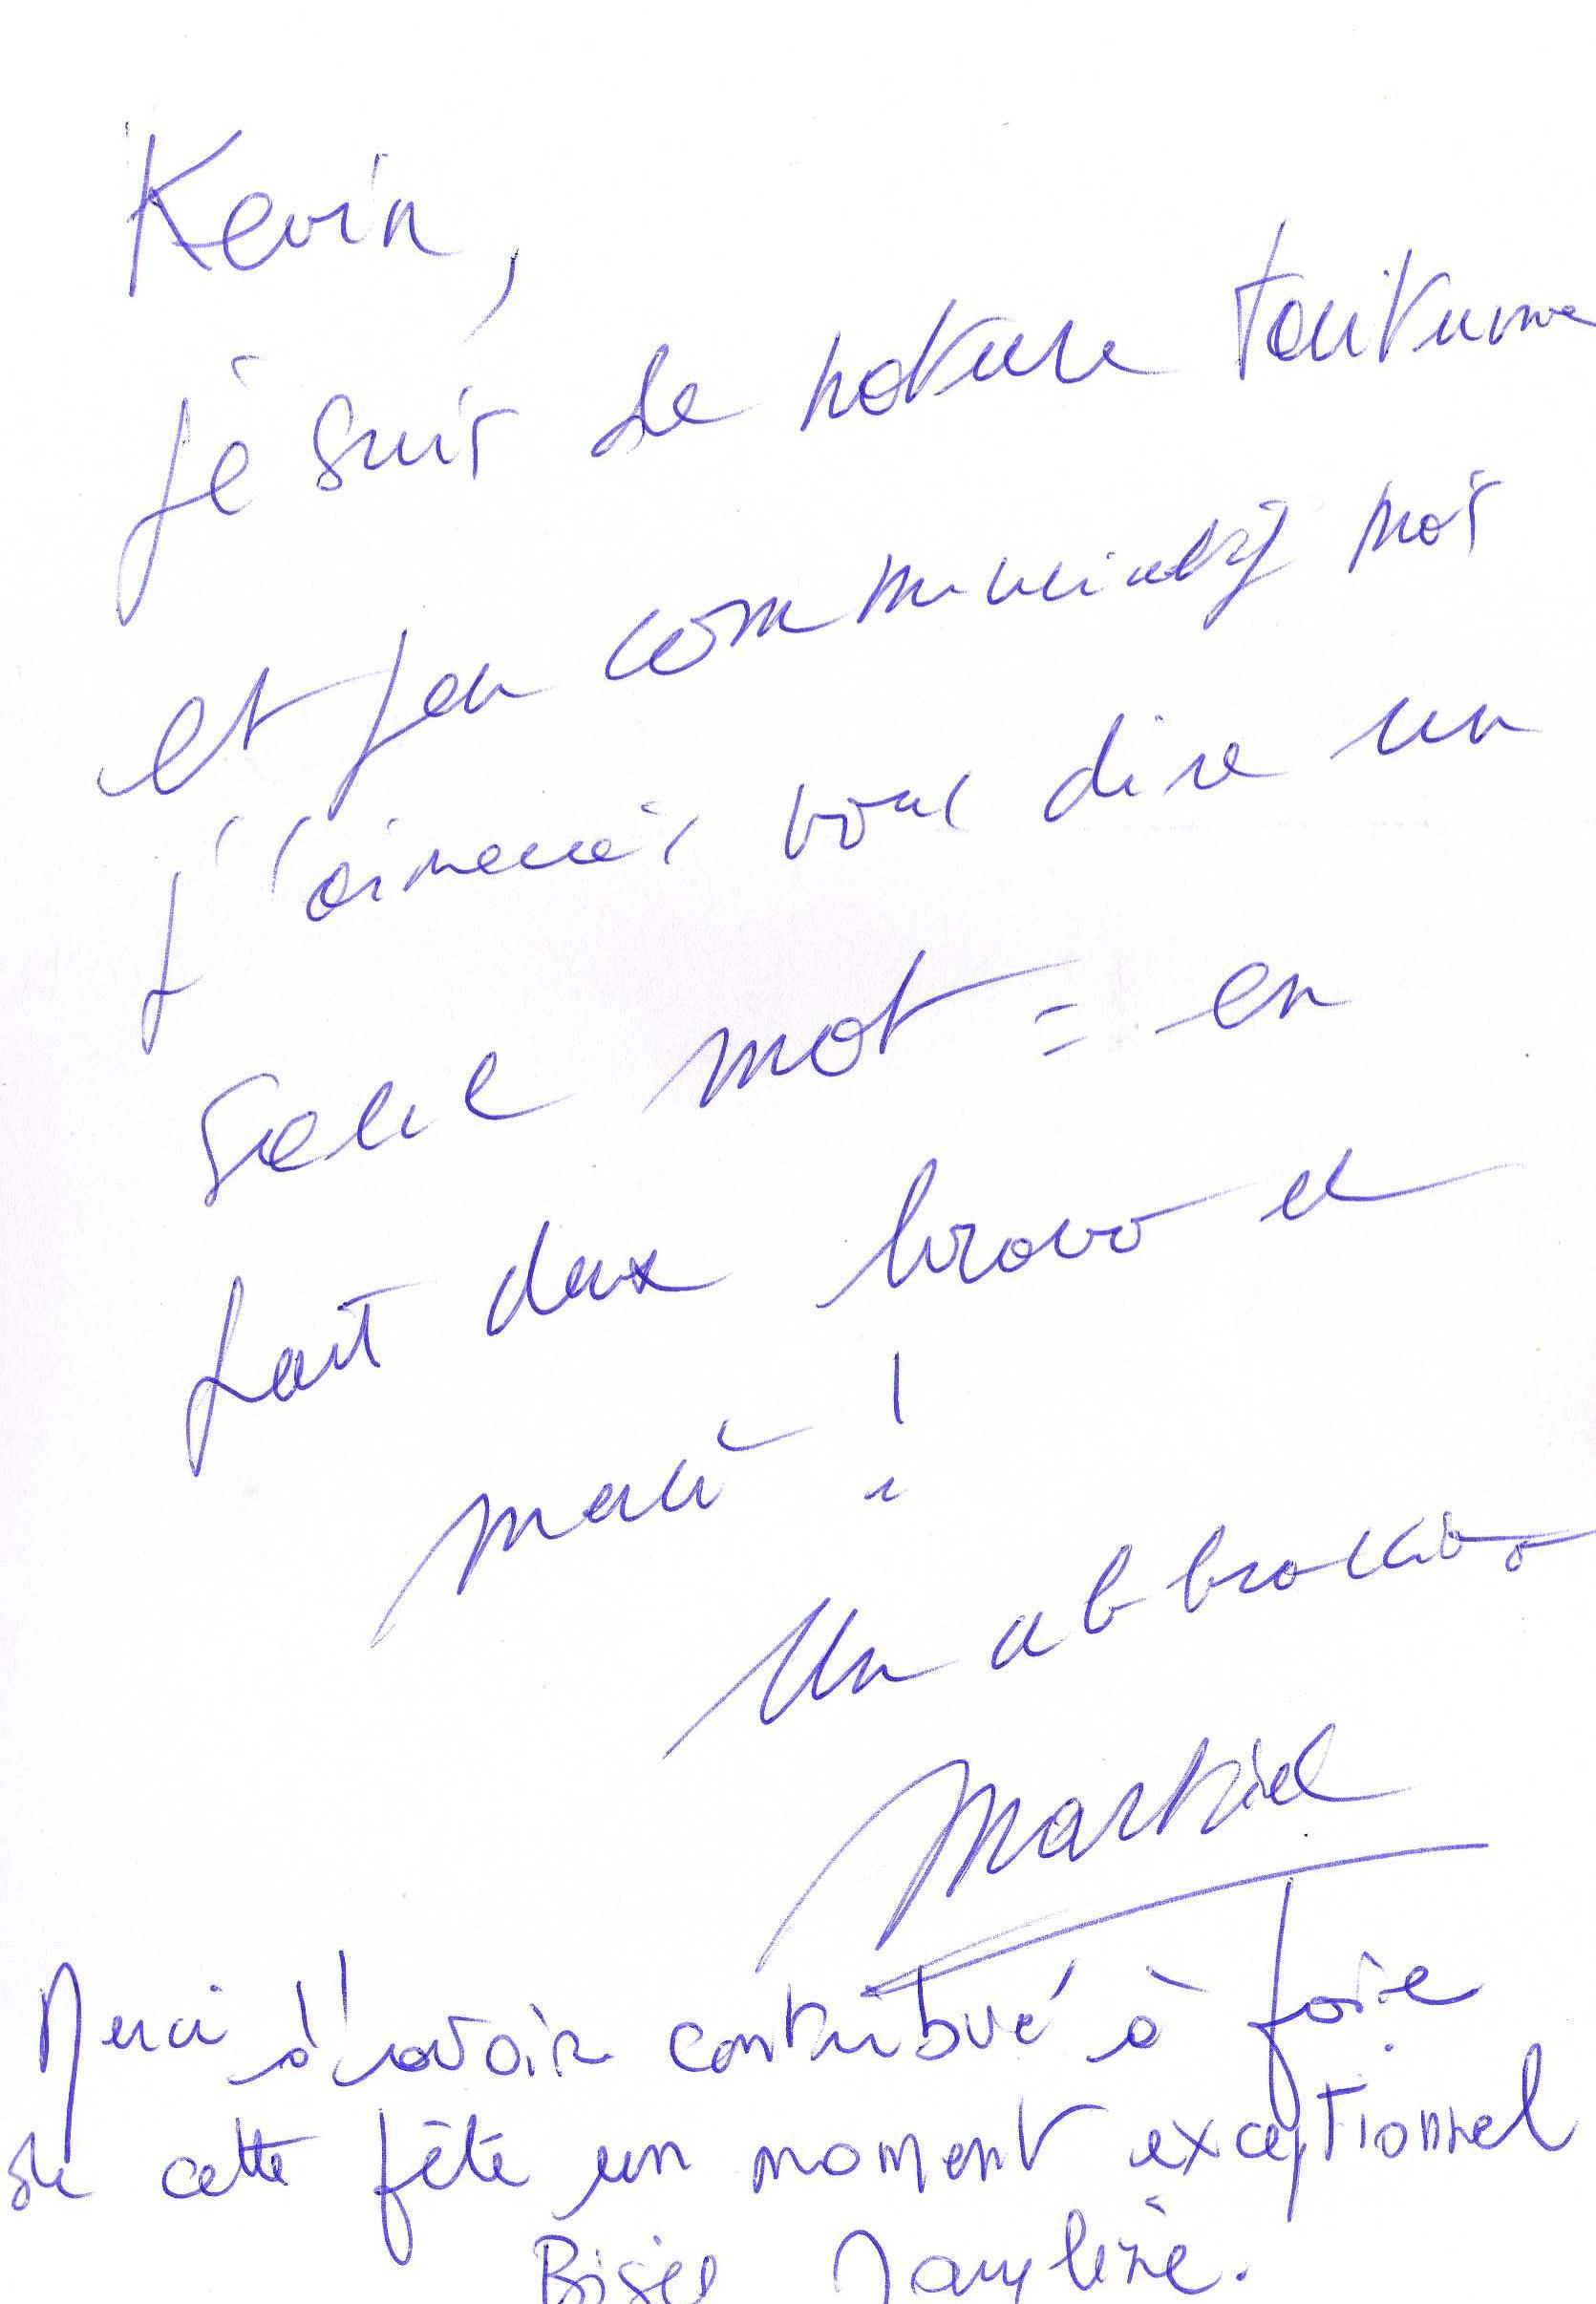 Les 60 ans de Martial VIONNET aux TRESOMS d' ANNECY Samedi 16 Janvier 2016 2